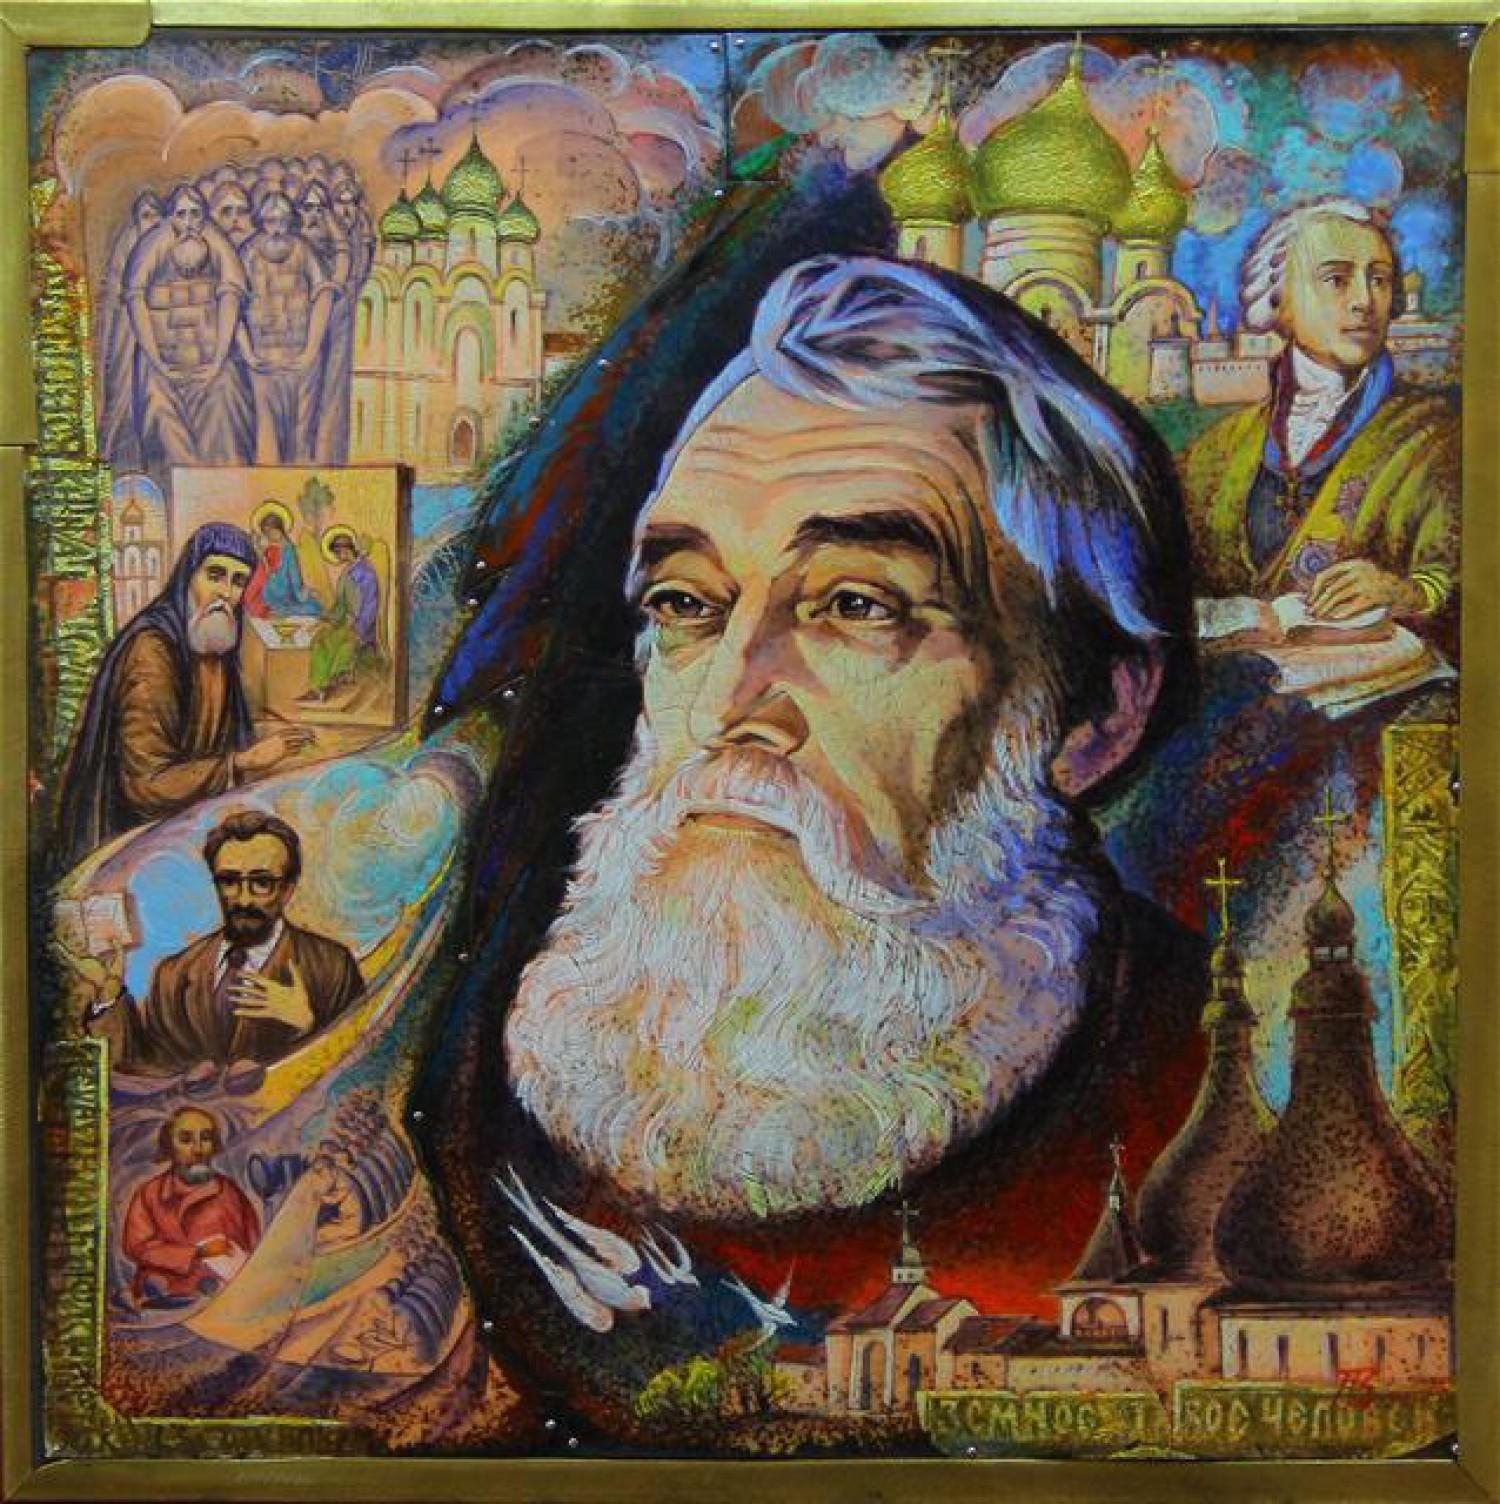 В.И.Поляков. Портрет Б.М.Михайленко. 2015. Медь, горячая эмаль, роспись по эмали, дерево, латунь.